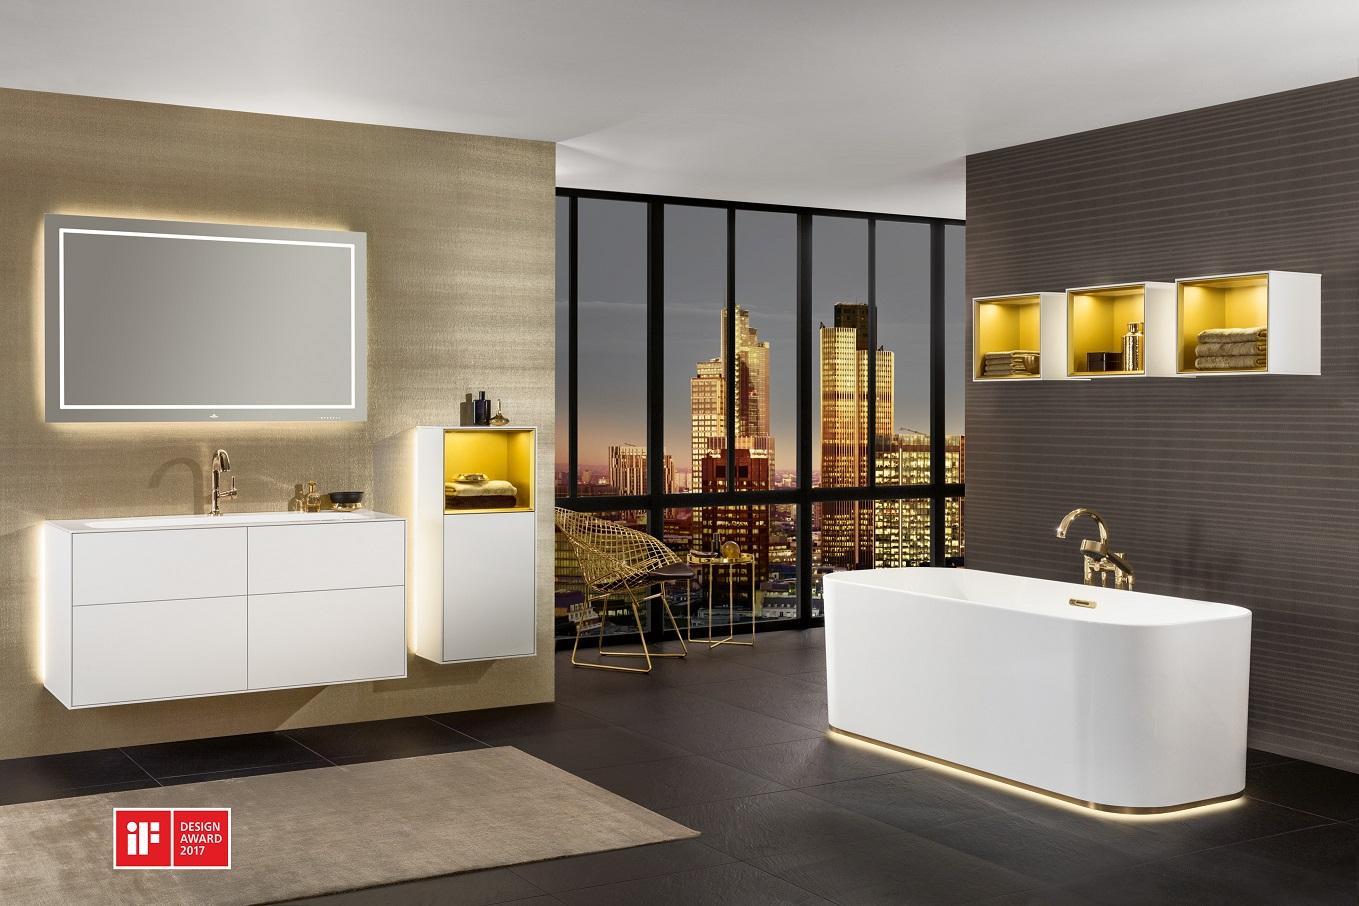 Innowacja Design I Styl łazienki Premium Od Villeroy